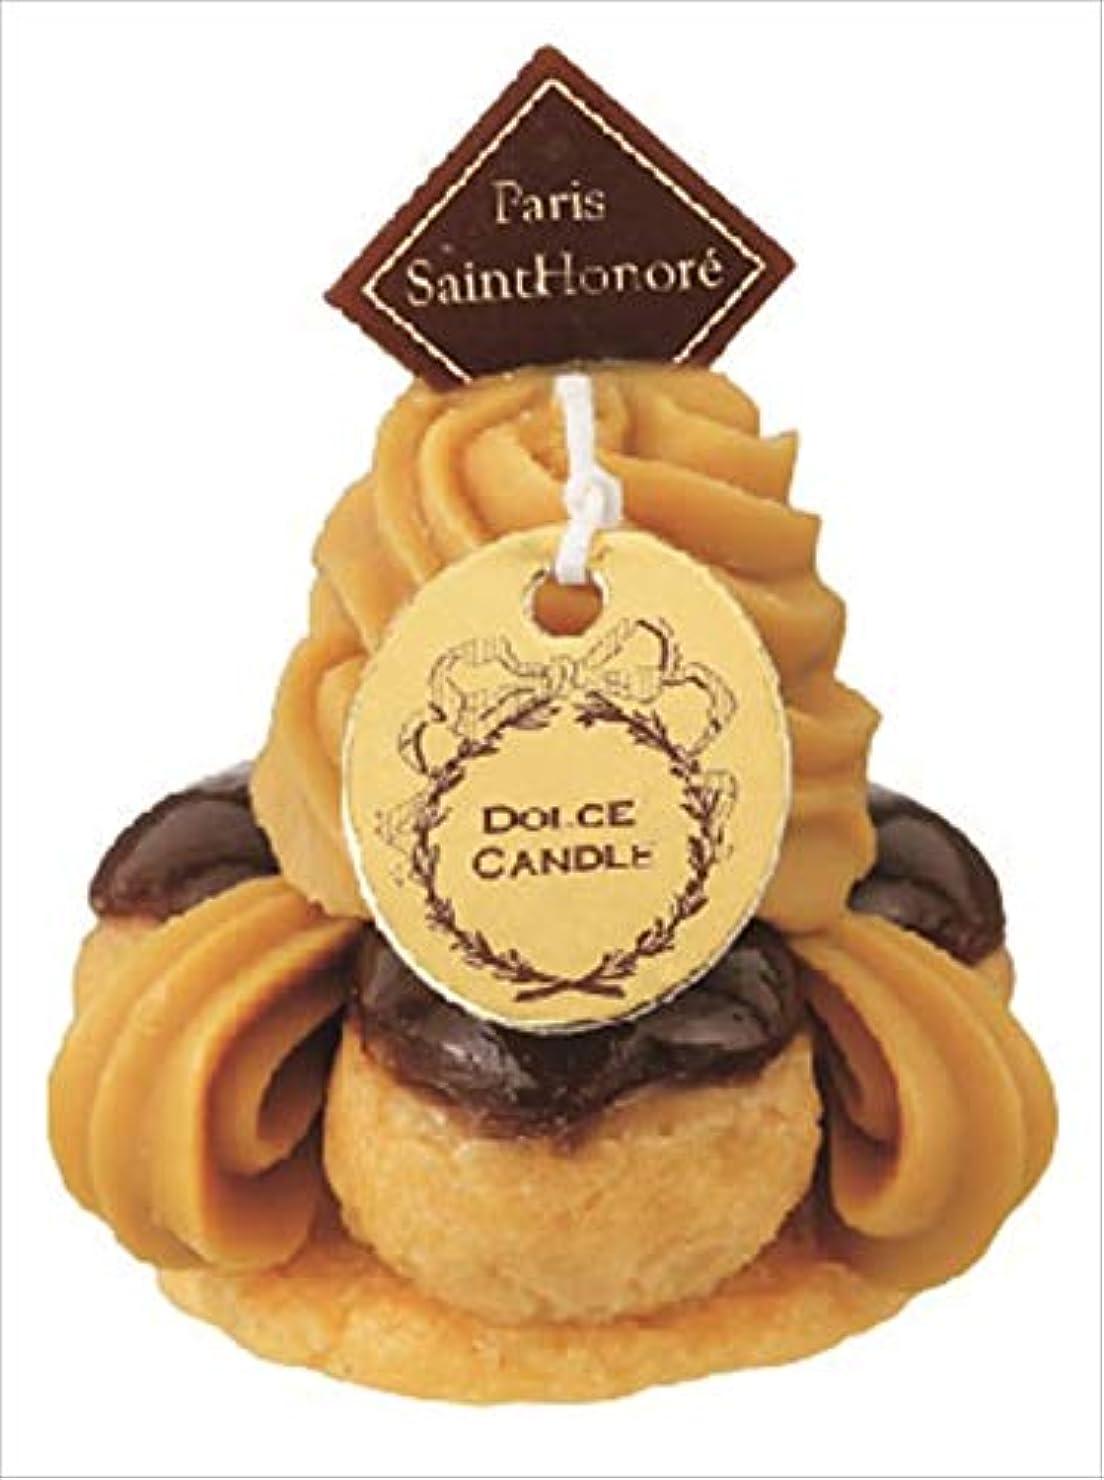 命令的ソーセージごちそうカメヤマキャンドル(kameyama candle) ドルチェキャンドル 「 サントノーレ 」